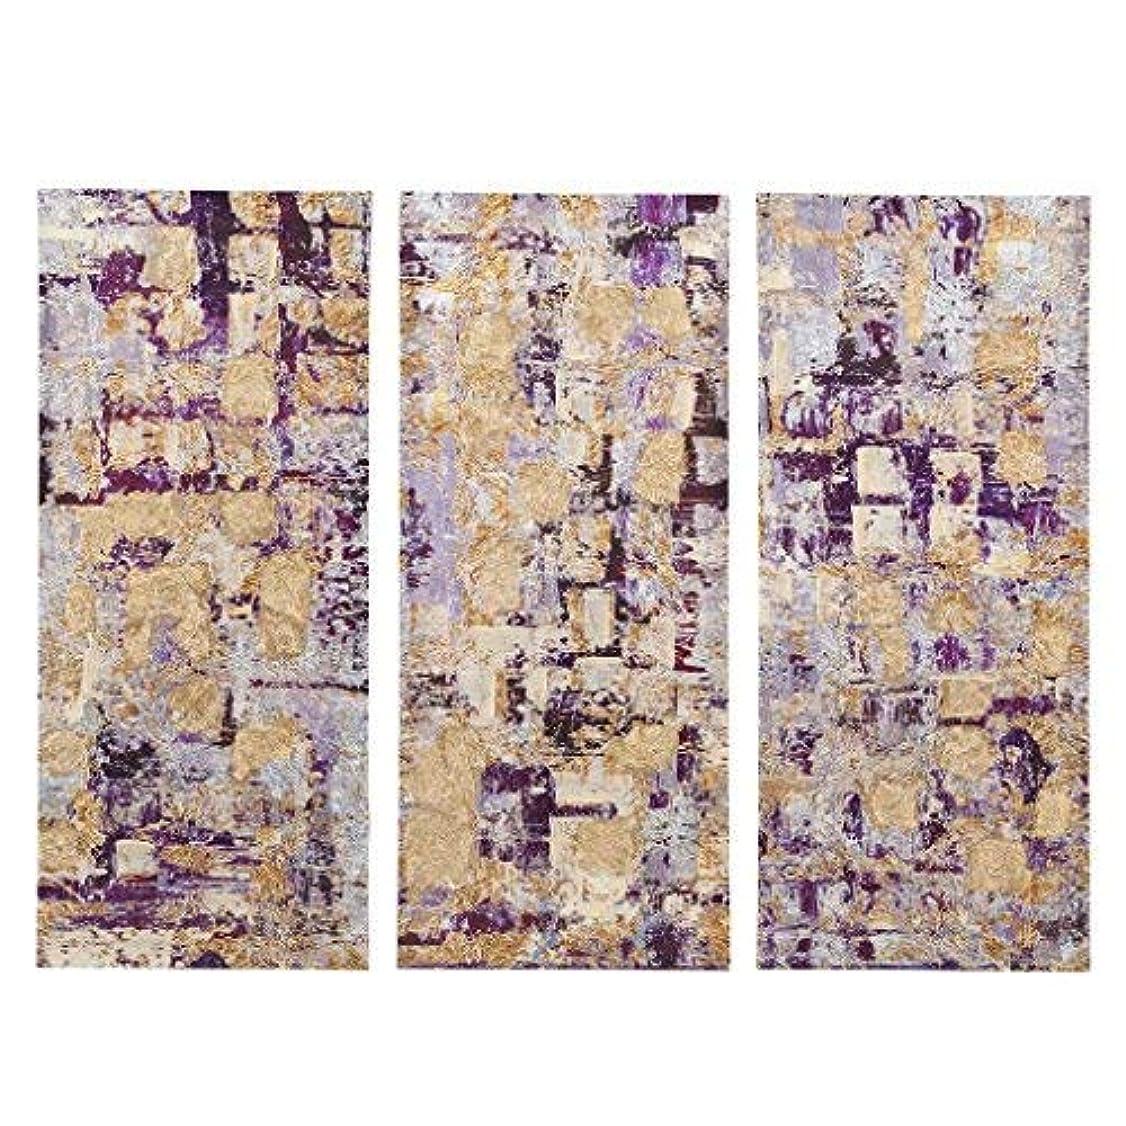 付与姪ワゴンMadison Park Gilded Violet Gel Coat Printed Canvas 3 Piece Set - Purple - 15x35x1.5